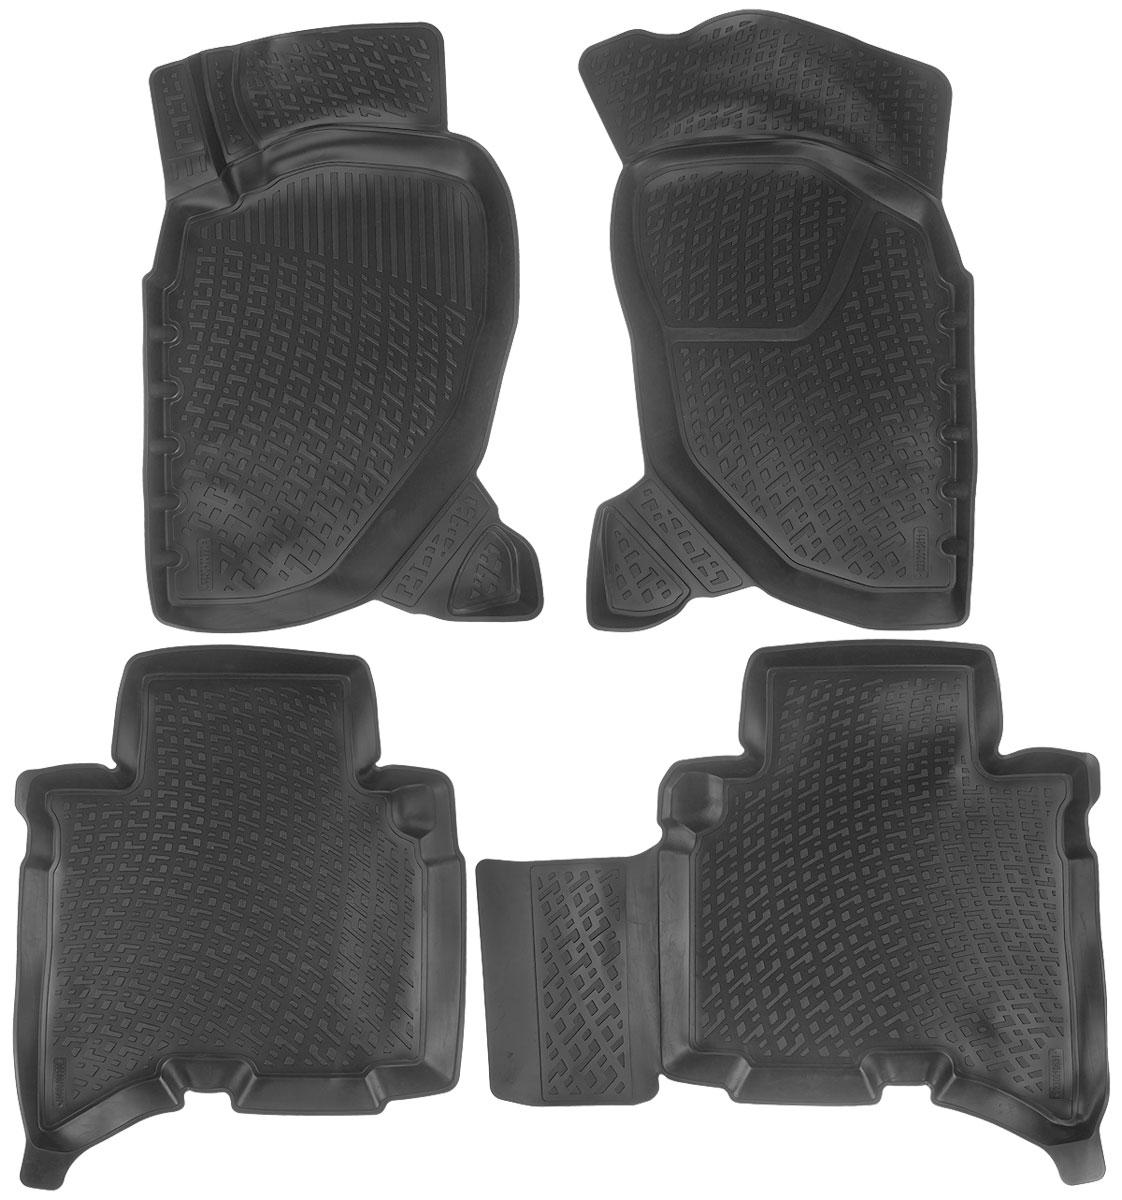 Набор автомобильных ковриков L.Locker Great Wall Hover H3/H5 2010, в салон, 4 шт0230010601Набор L.Locker Great Wall Hover H3/H5 2010, изготовленный из полиуретана, состоит из 4 антискользящих 3D ковриков, которые производятся индивидуально для каждой модели автомобиля. Изделие точно повторяет геометрию пола автомобиля, имеет высокий борт, обладает повышенной износоустойчивостью, лишено резкого запаха и сохраняет свои потребительские свойства в широком диапазоне температур от -50°С до +50°С. Комплектация: 4 шт. Размер ковриков: 80 см х 50 см; 84 см х 62 см; 73 см х 60 см; 80 см х 52 см.